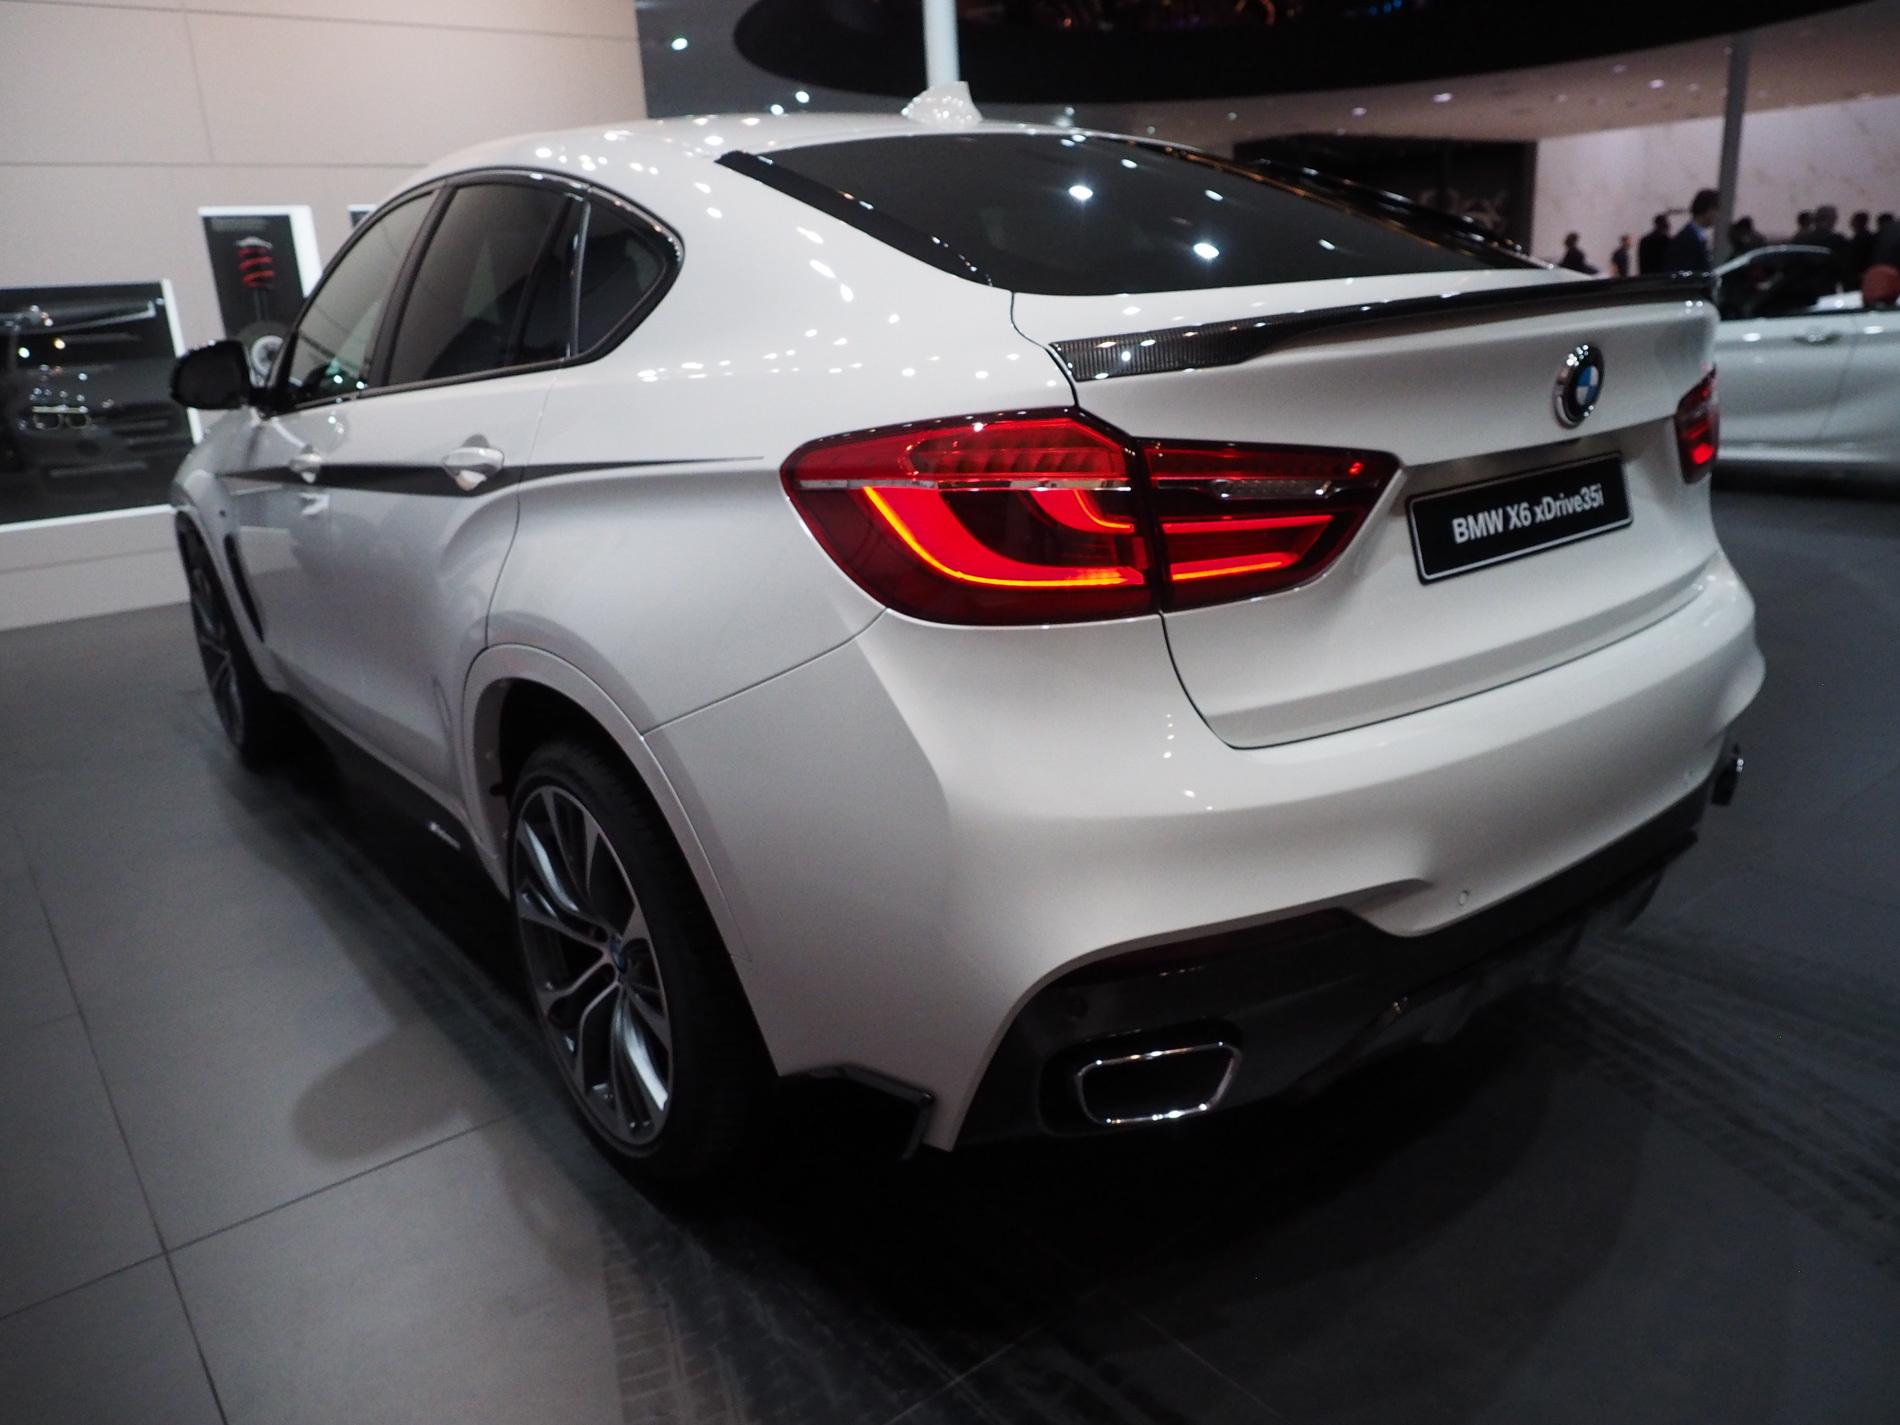 Карбоновый спойлер крышки багажника для BMW X6 F16